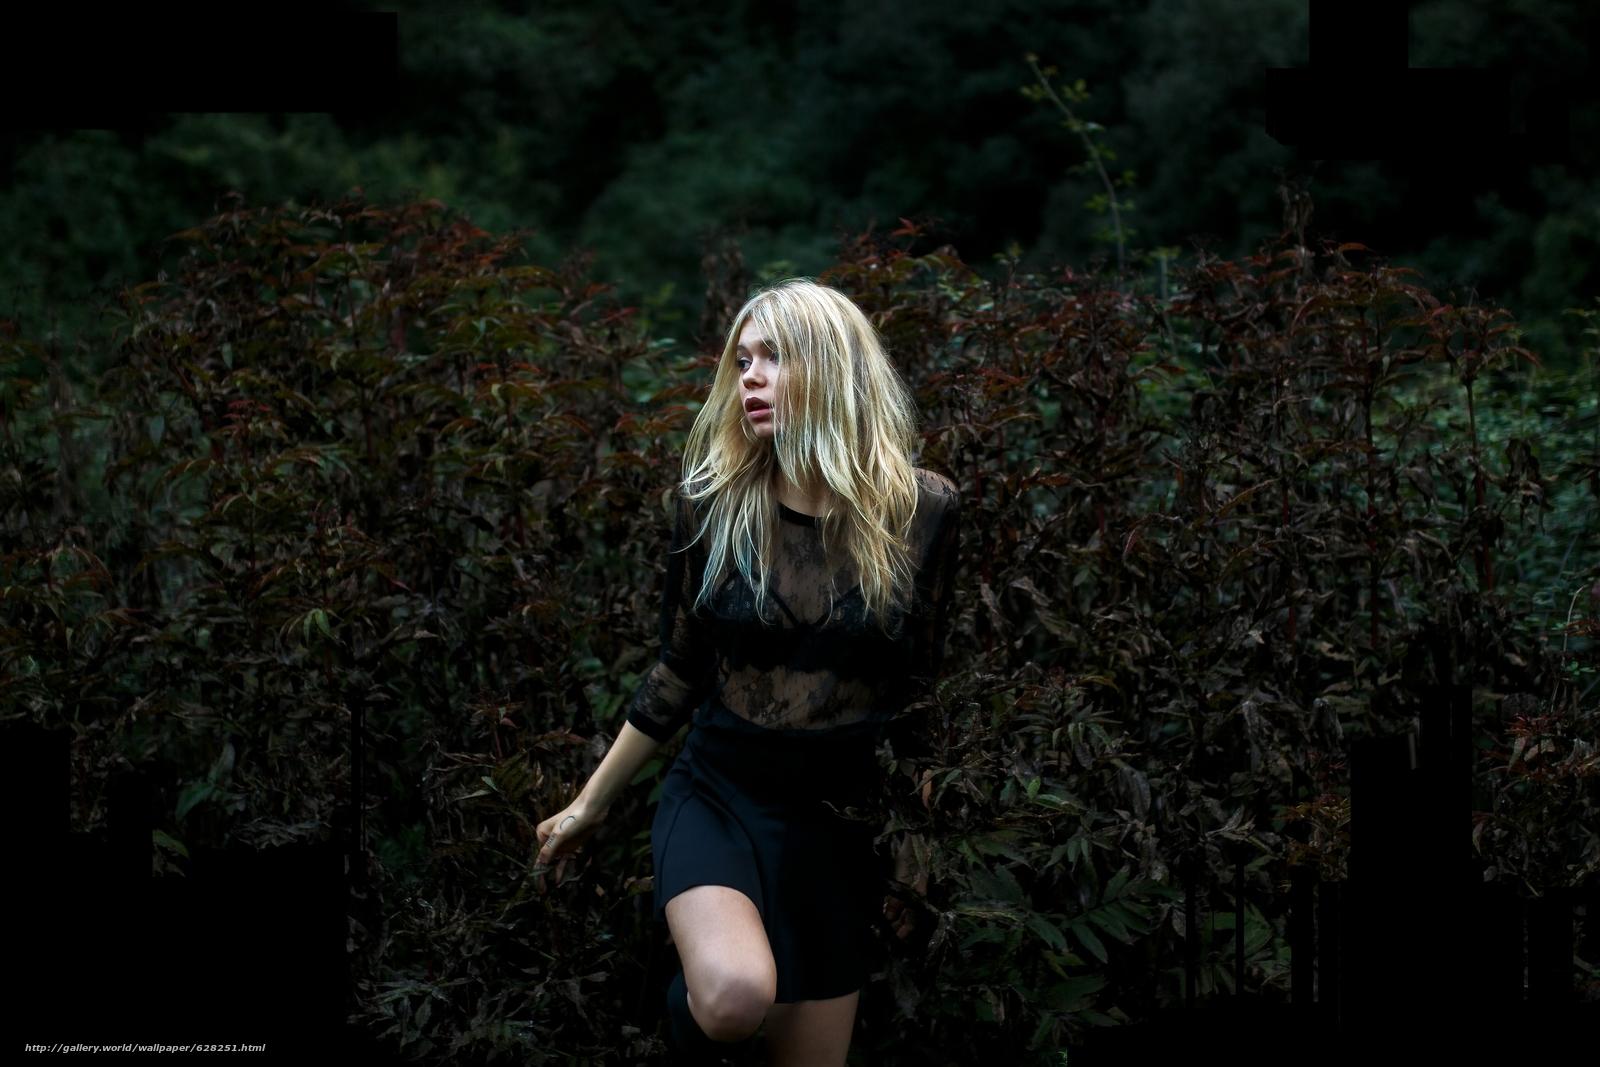 Скачать на телефон обои фото картинку на тему девушка, блондинка, настроение, кусты, разширение 5472x3648